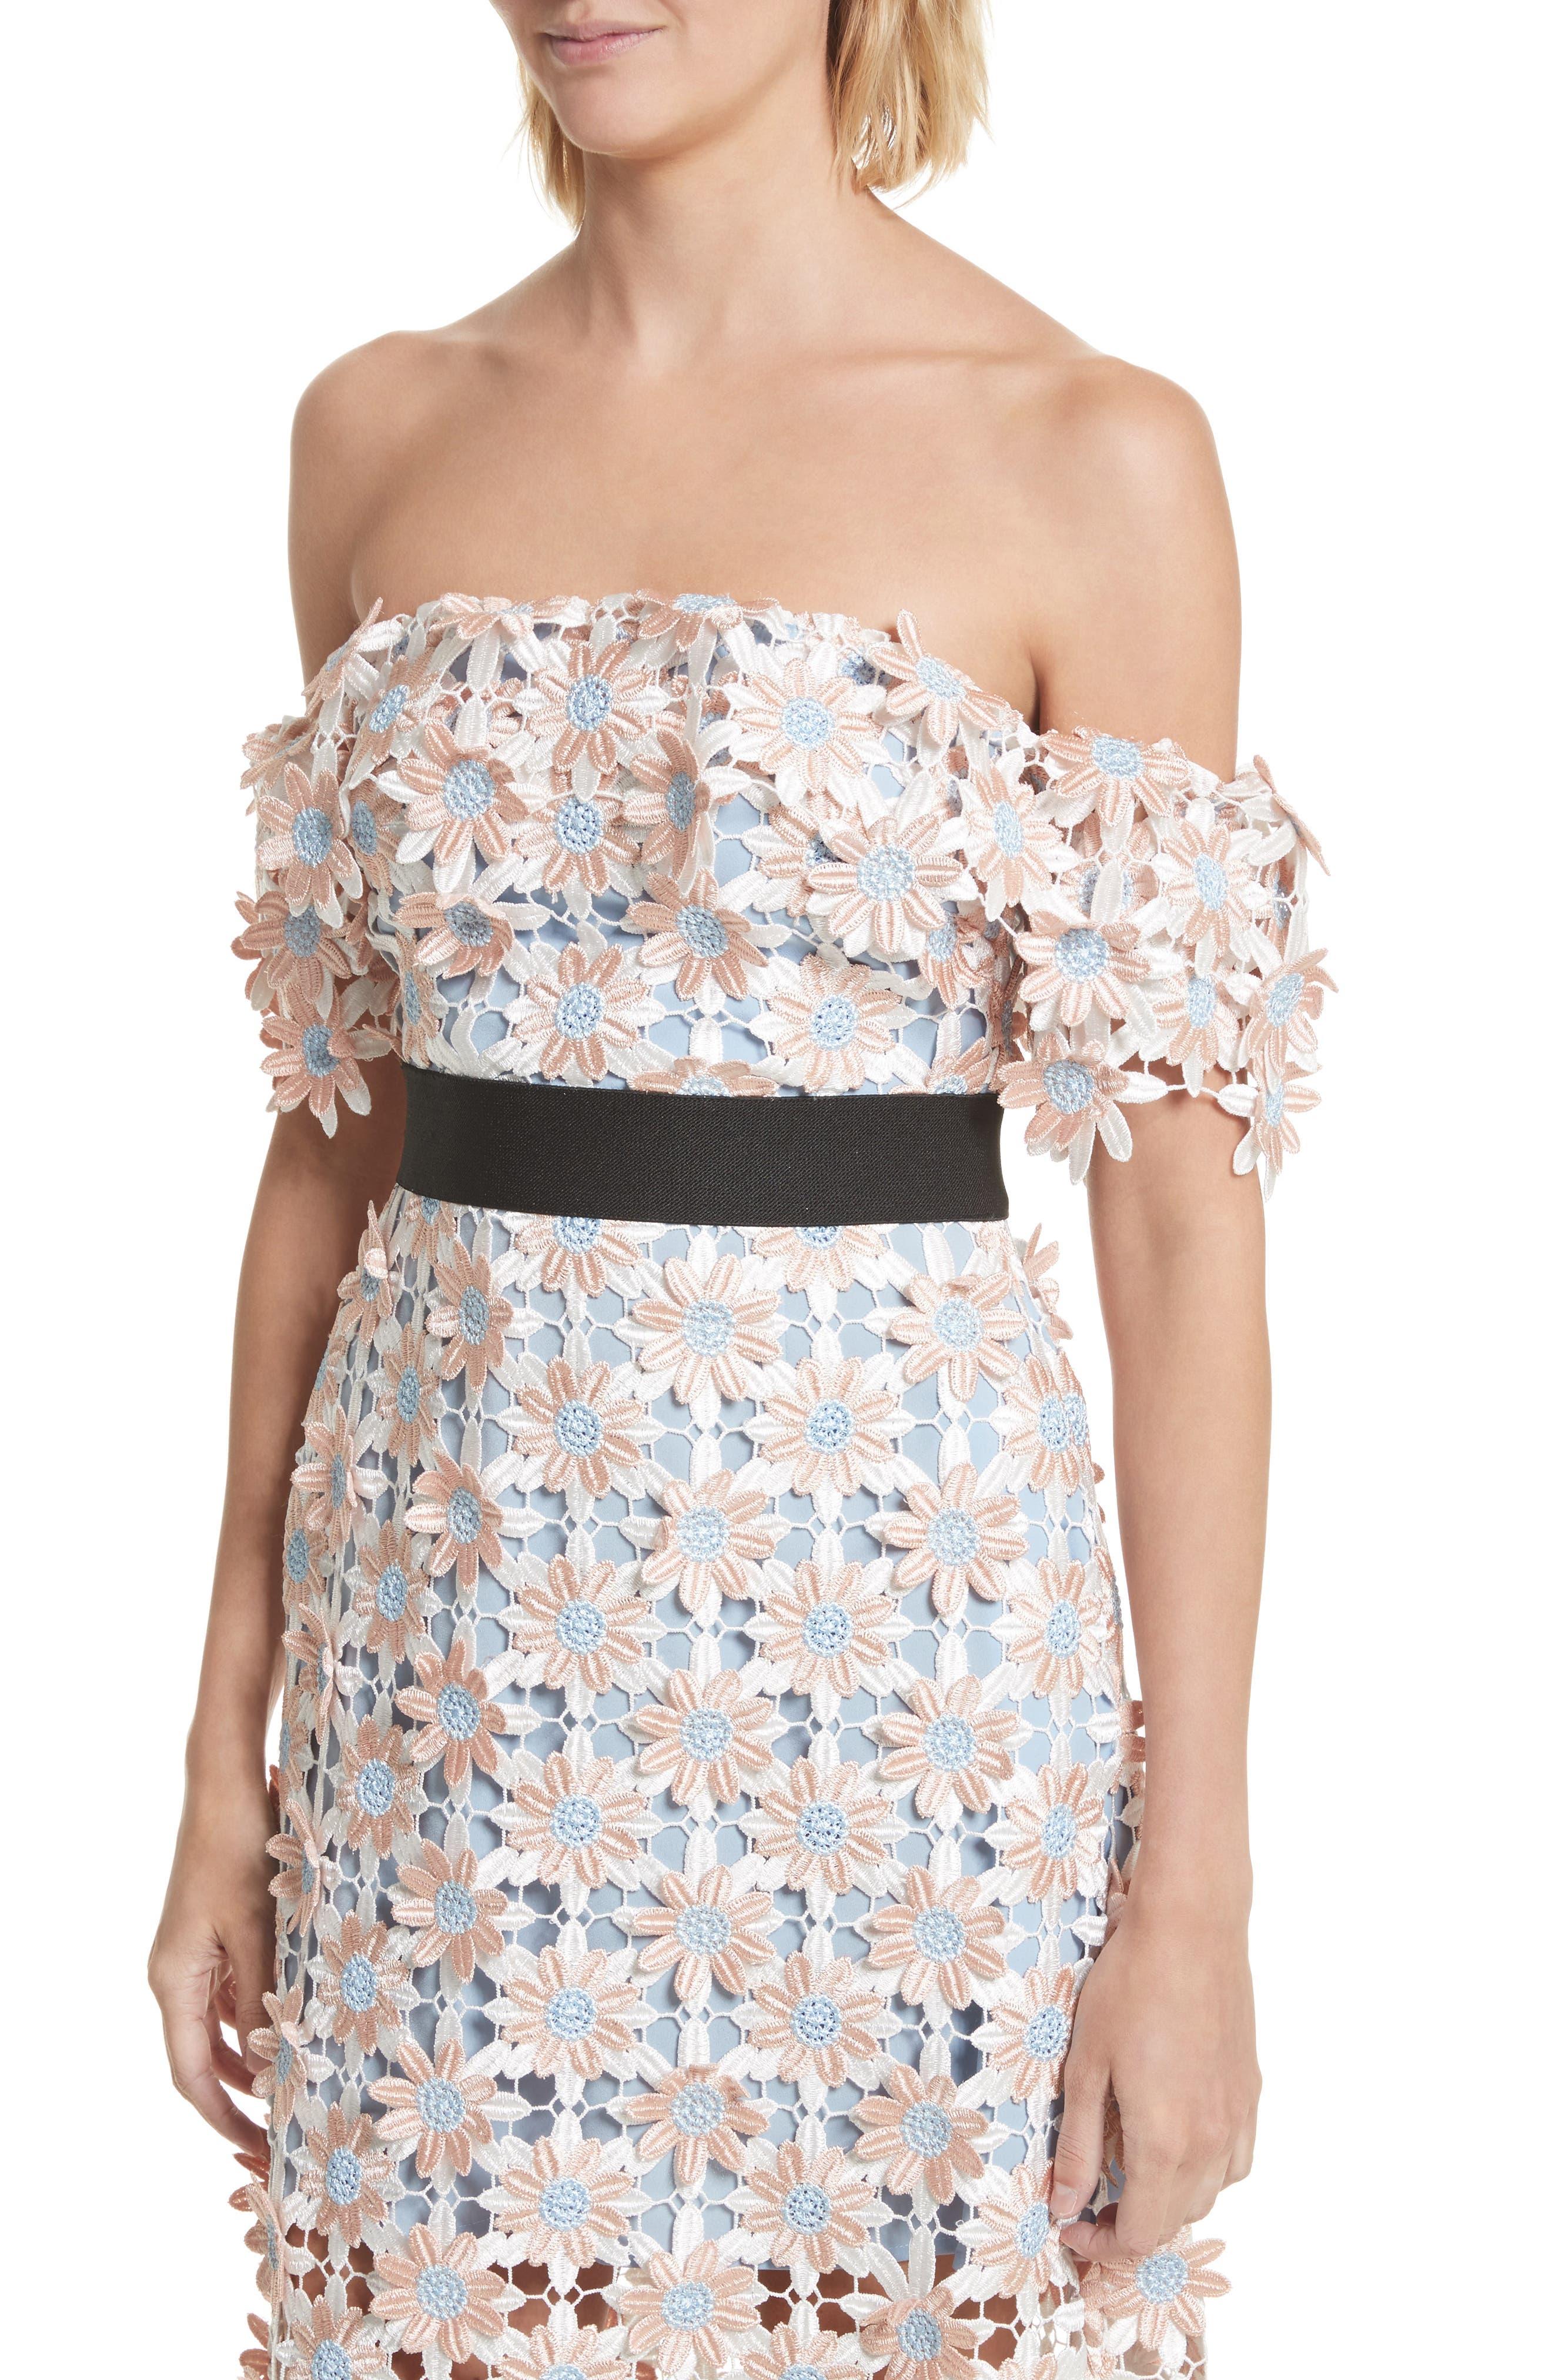 3D Floral Lace Off the Shoulder Midi Dress,                             Alternate thumbnail 4, color,                             650